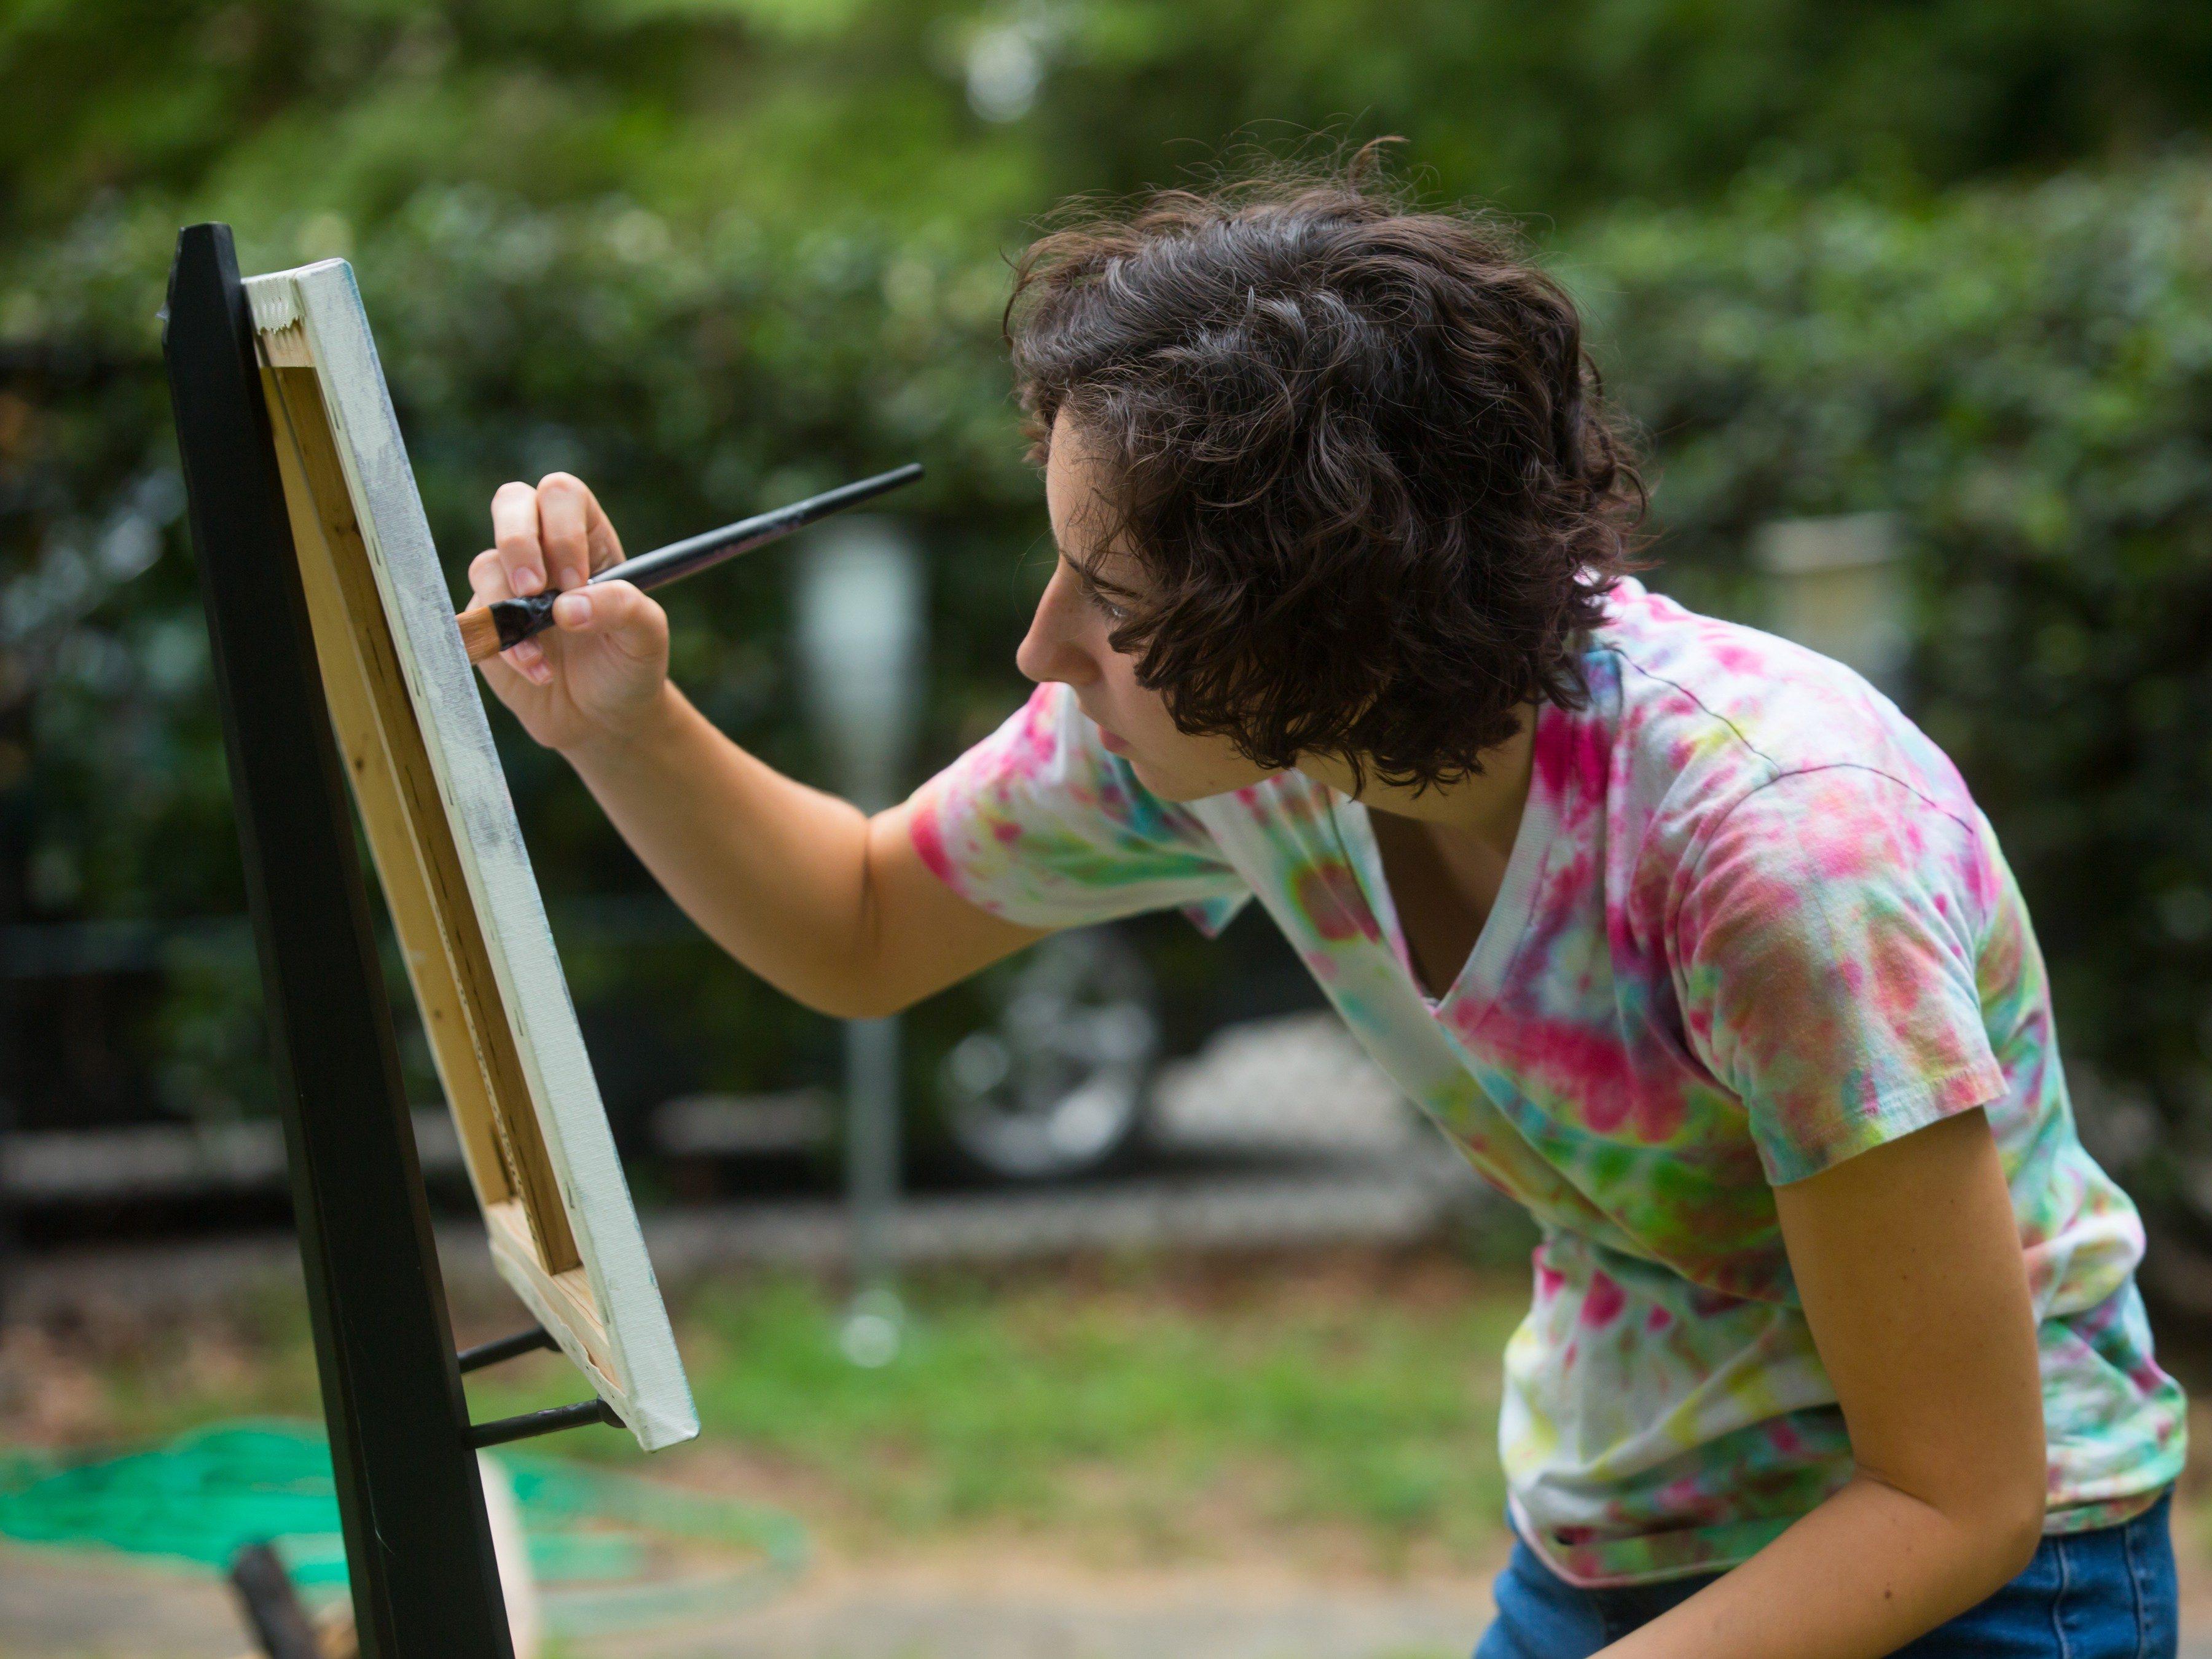 39. Toronto's outdoor art fairs